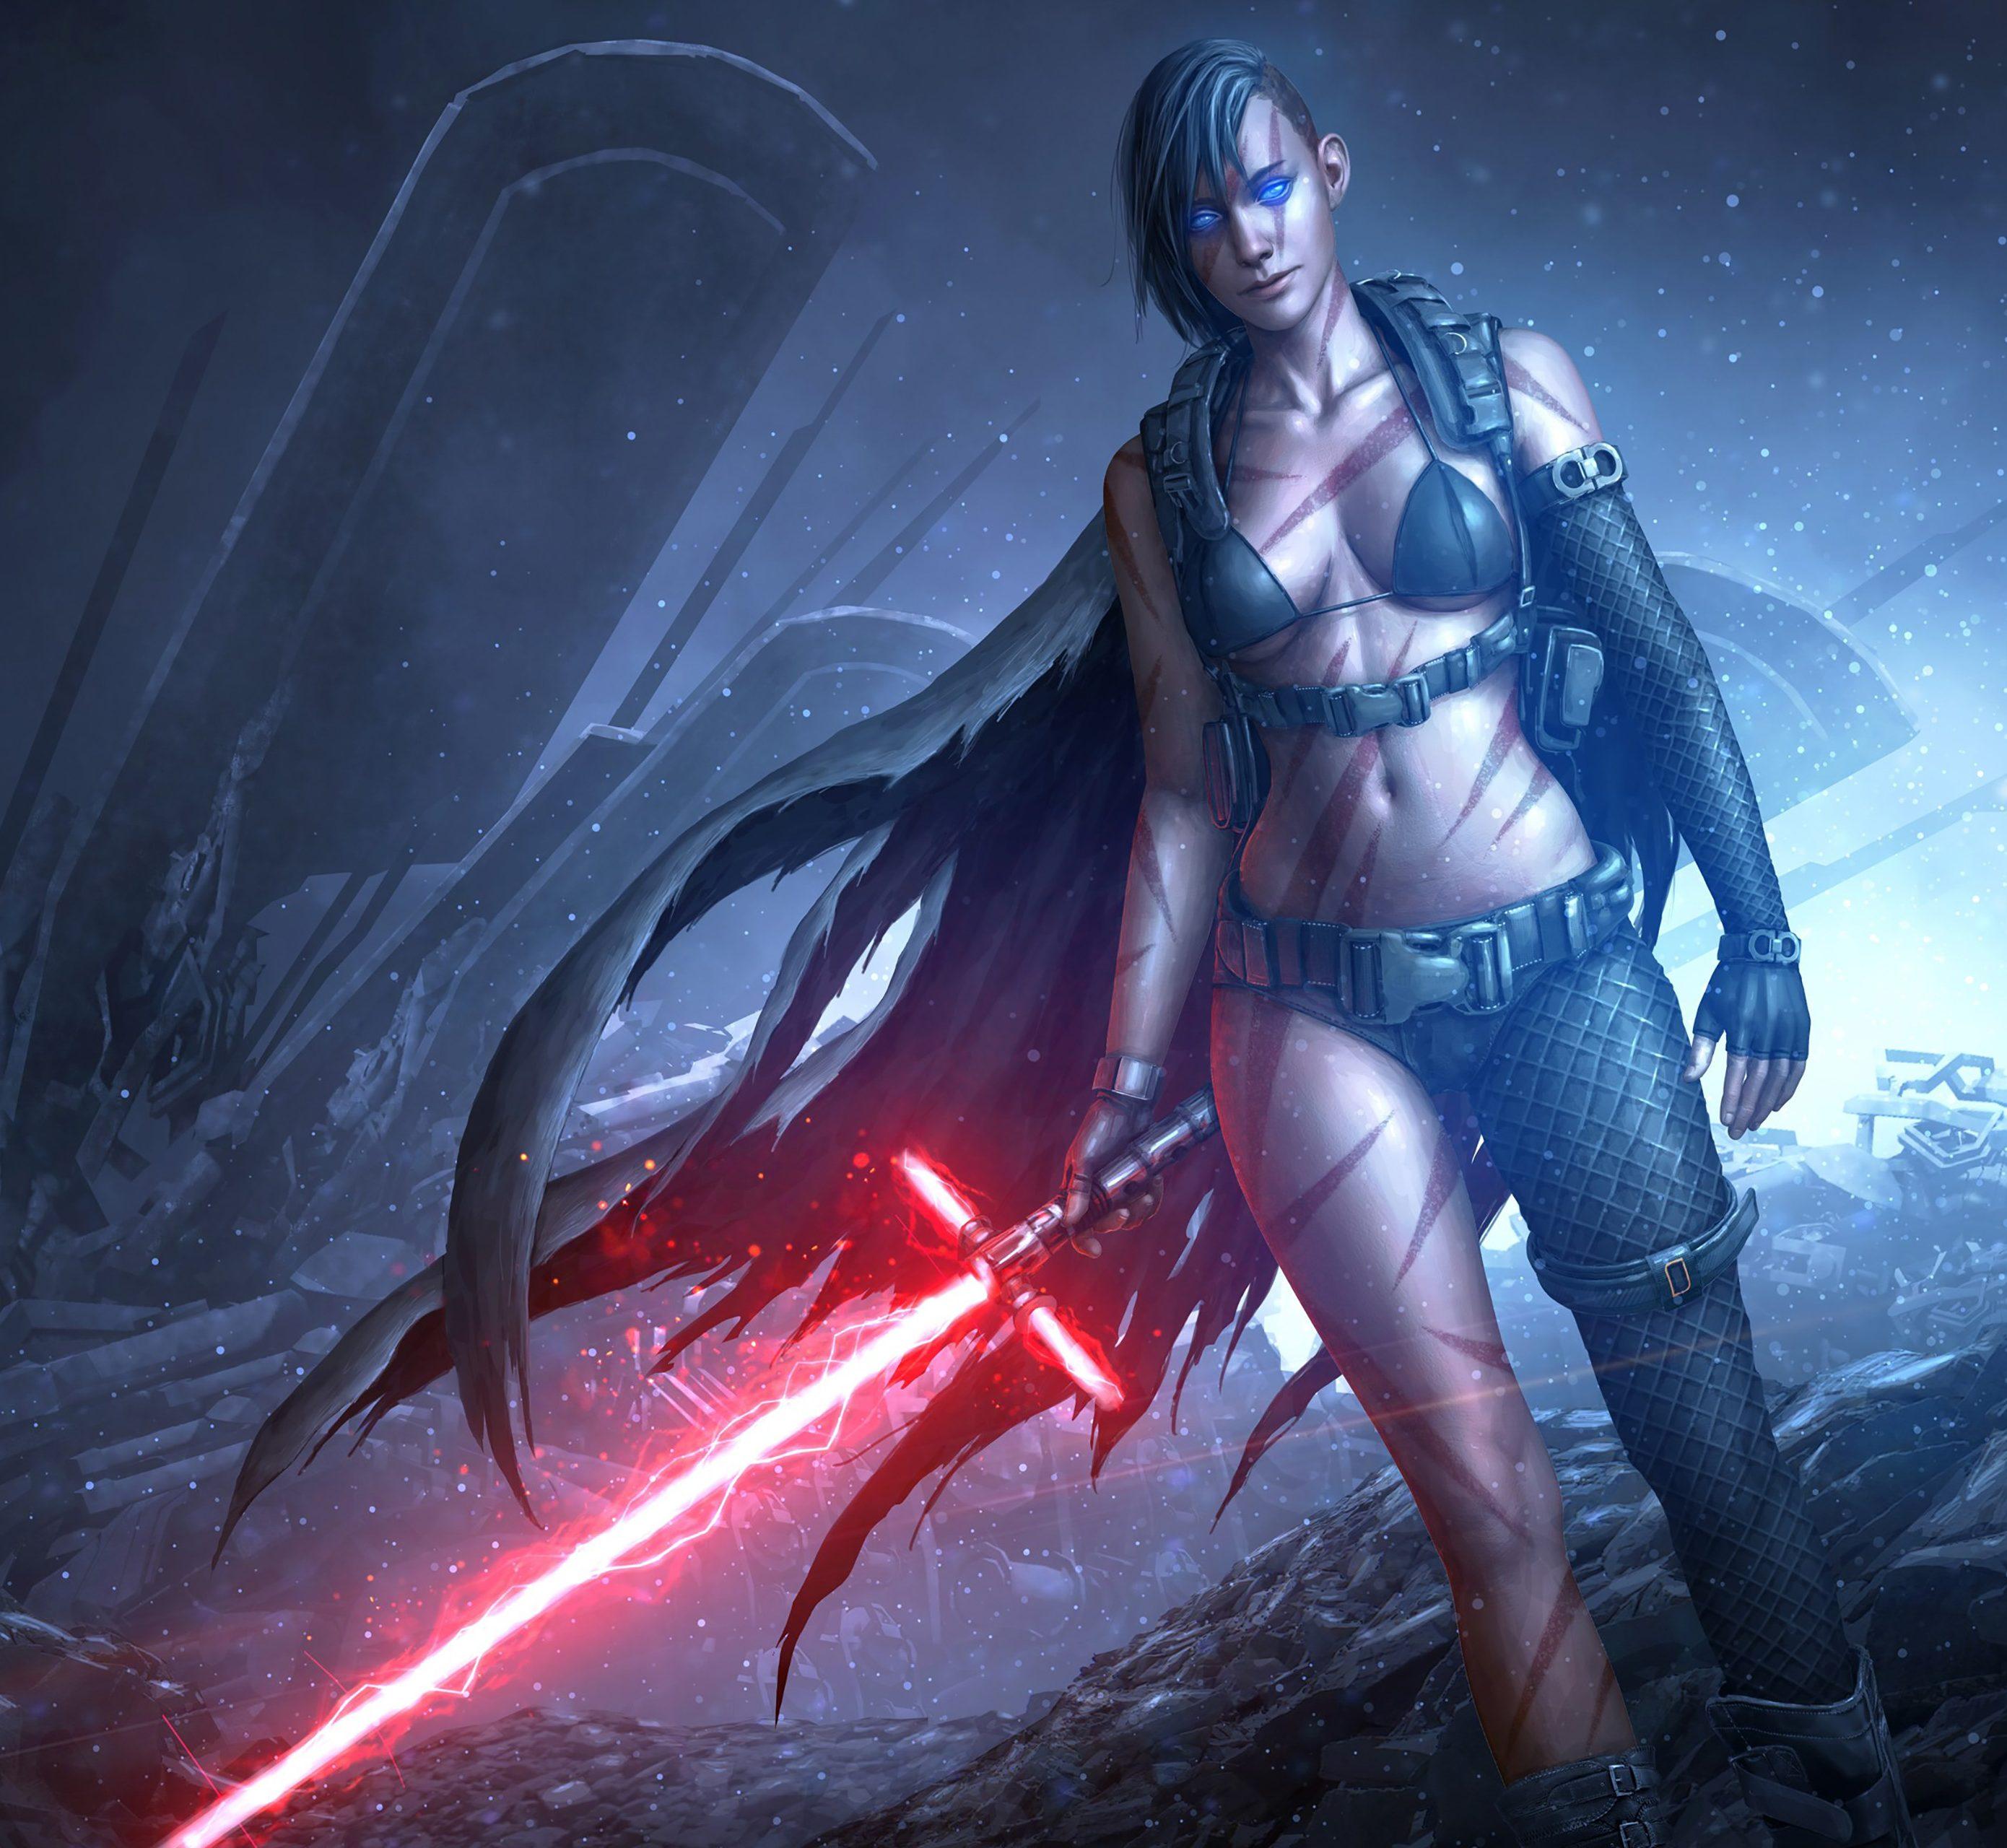 Star Wars Girl Lightsaber Red Game 4K Wallpaper - Best ...